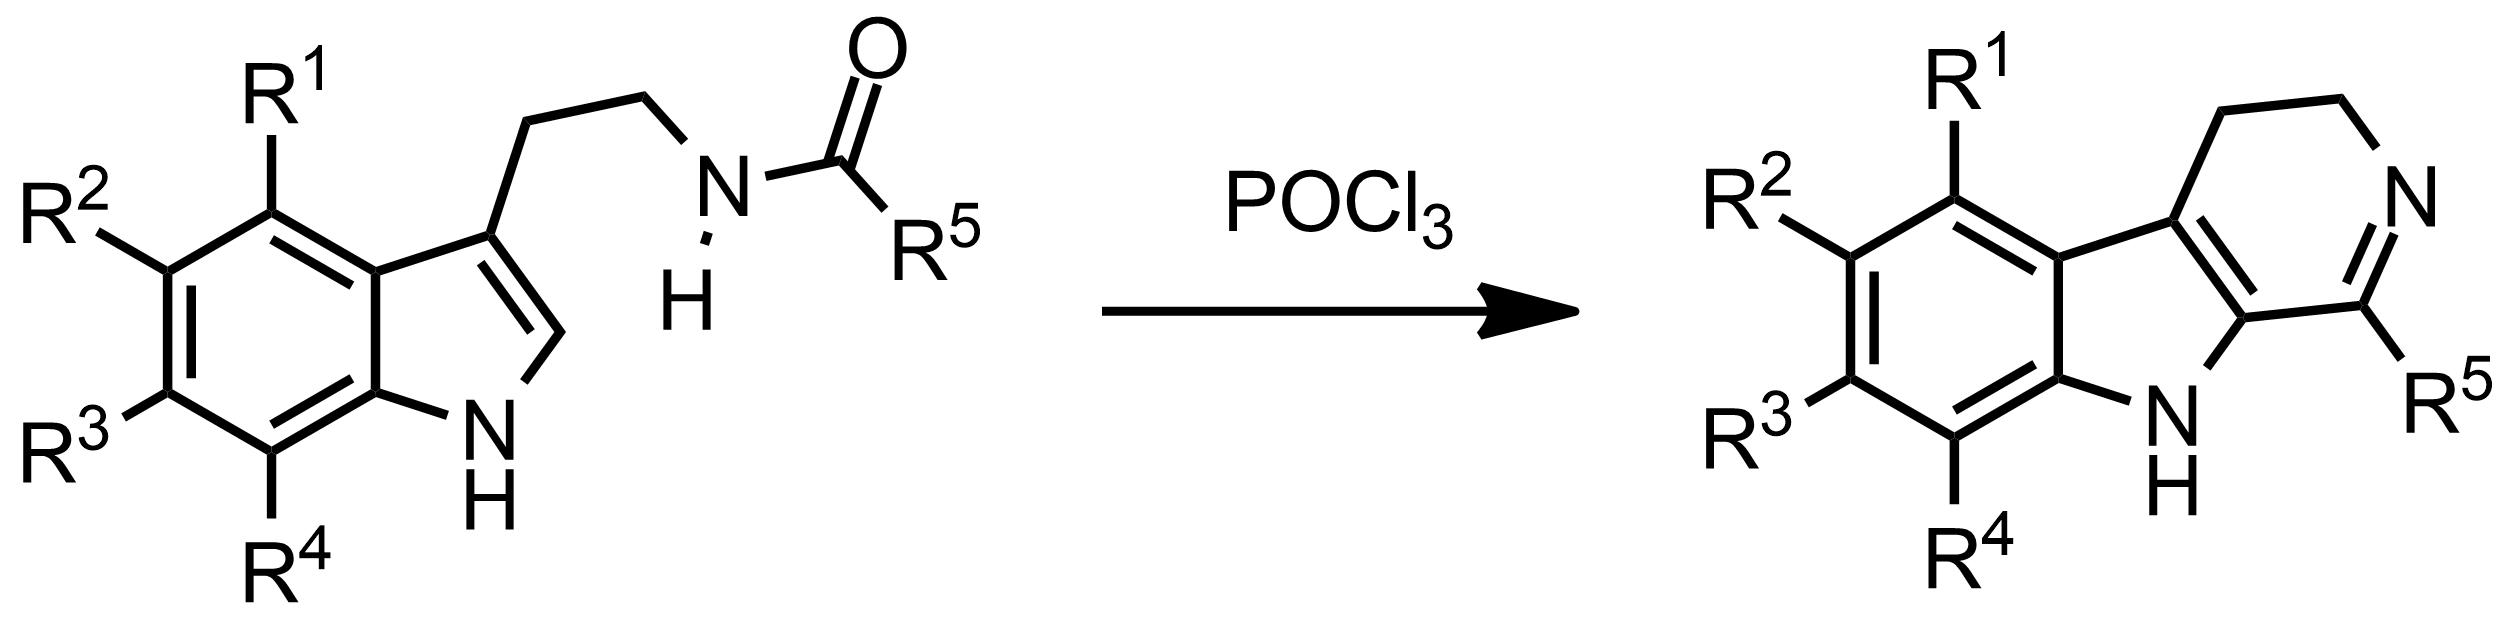 Schematic representation of the Bischler-Napieralski Reaction.